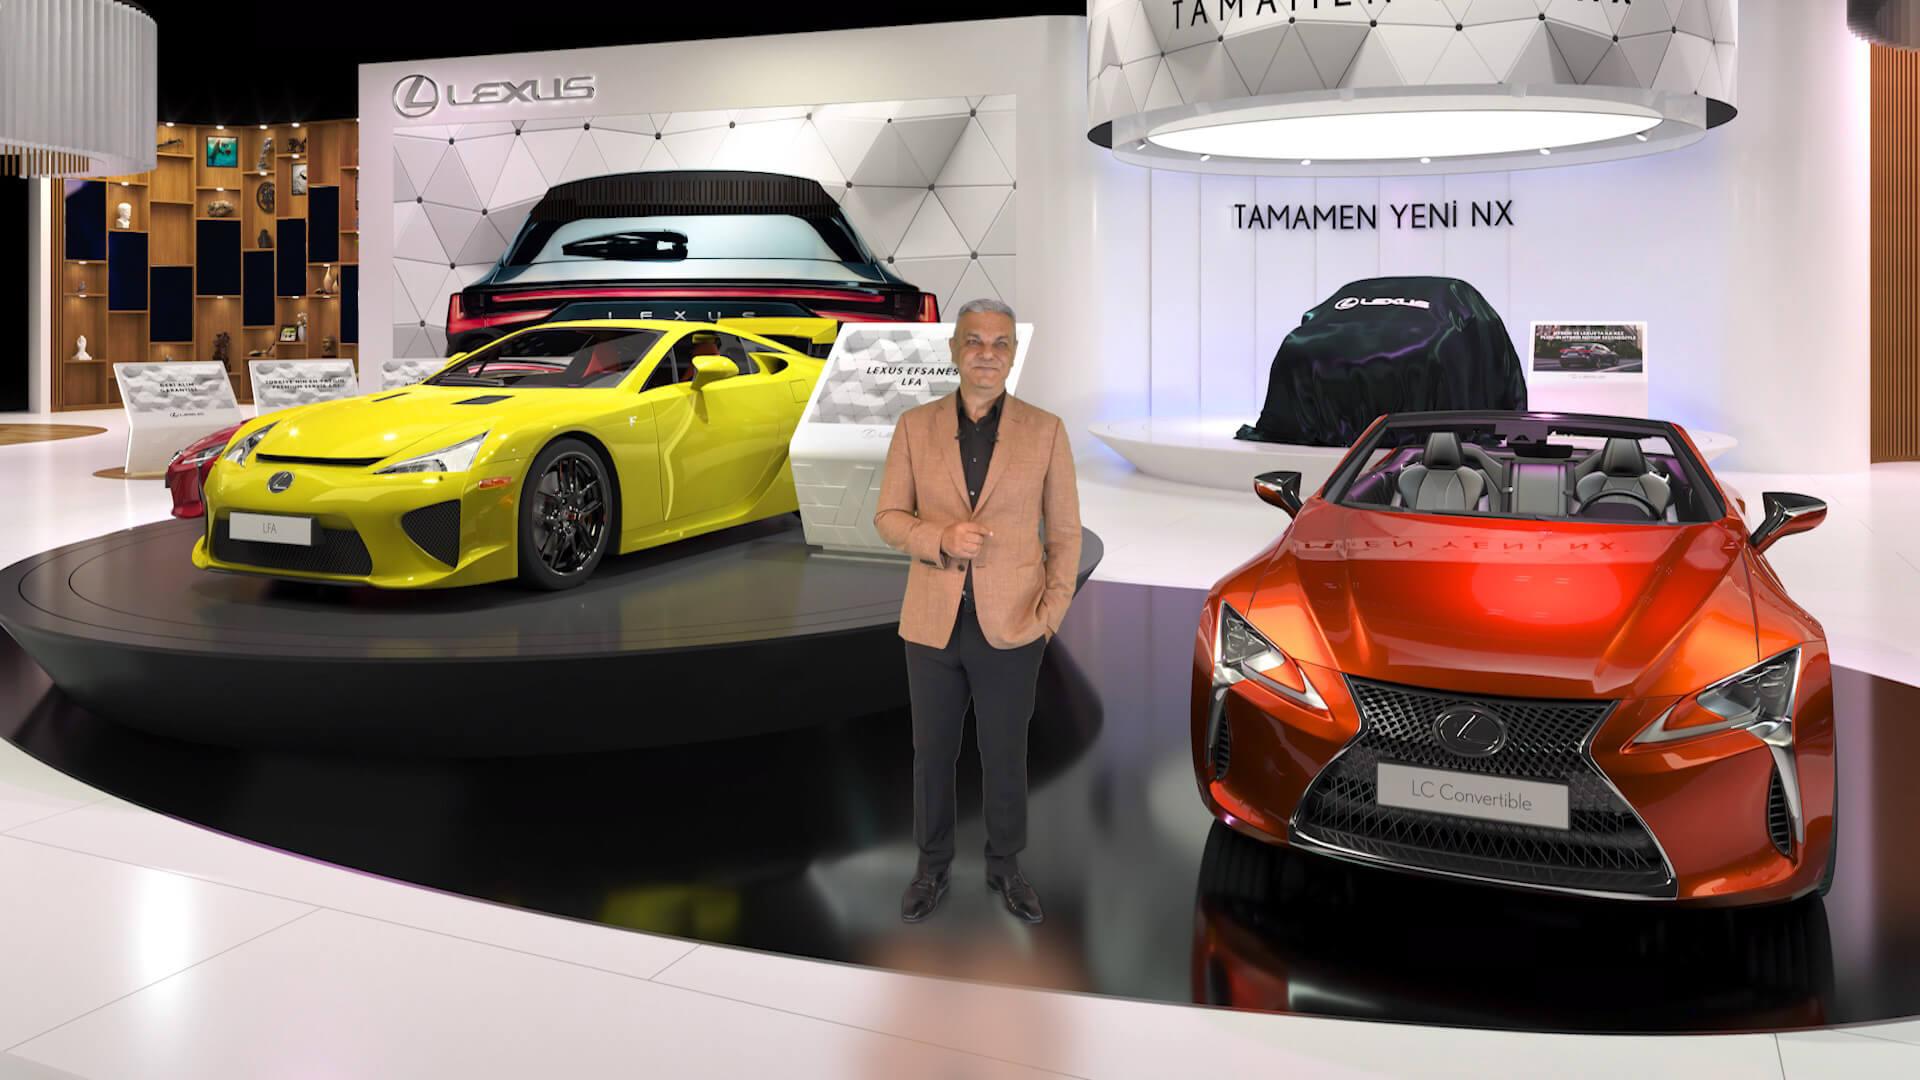 Lexus Autoshow Mobility Fuarı'na Damga Vurdu gallery09